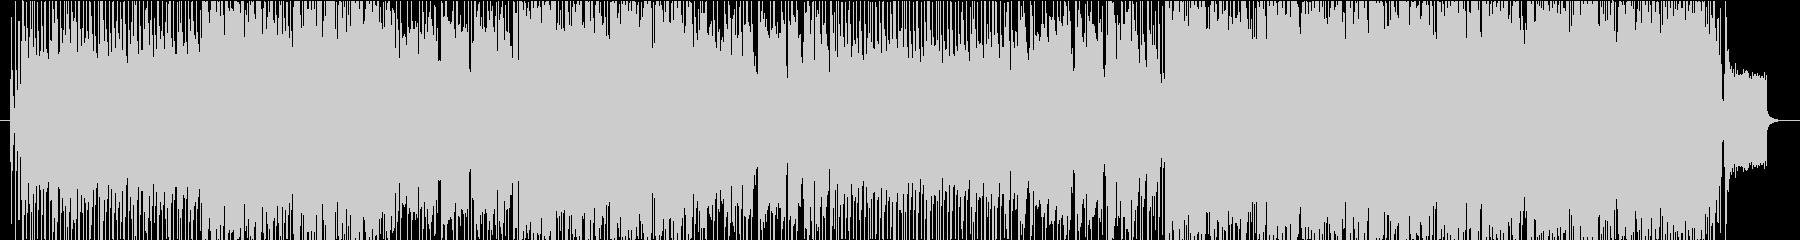 アコーディオンが印象的なポップスの未再生の波形